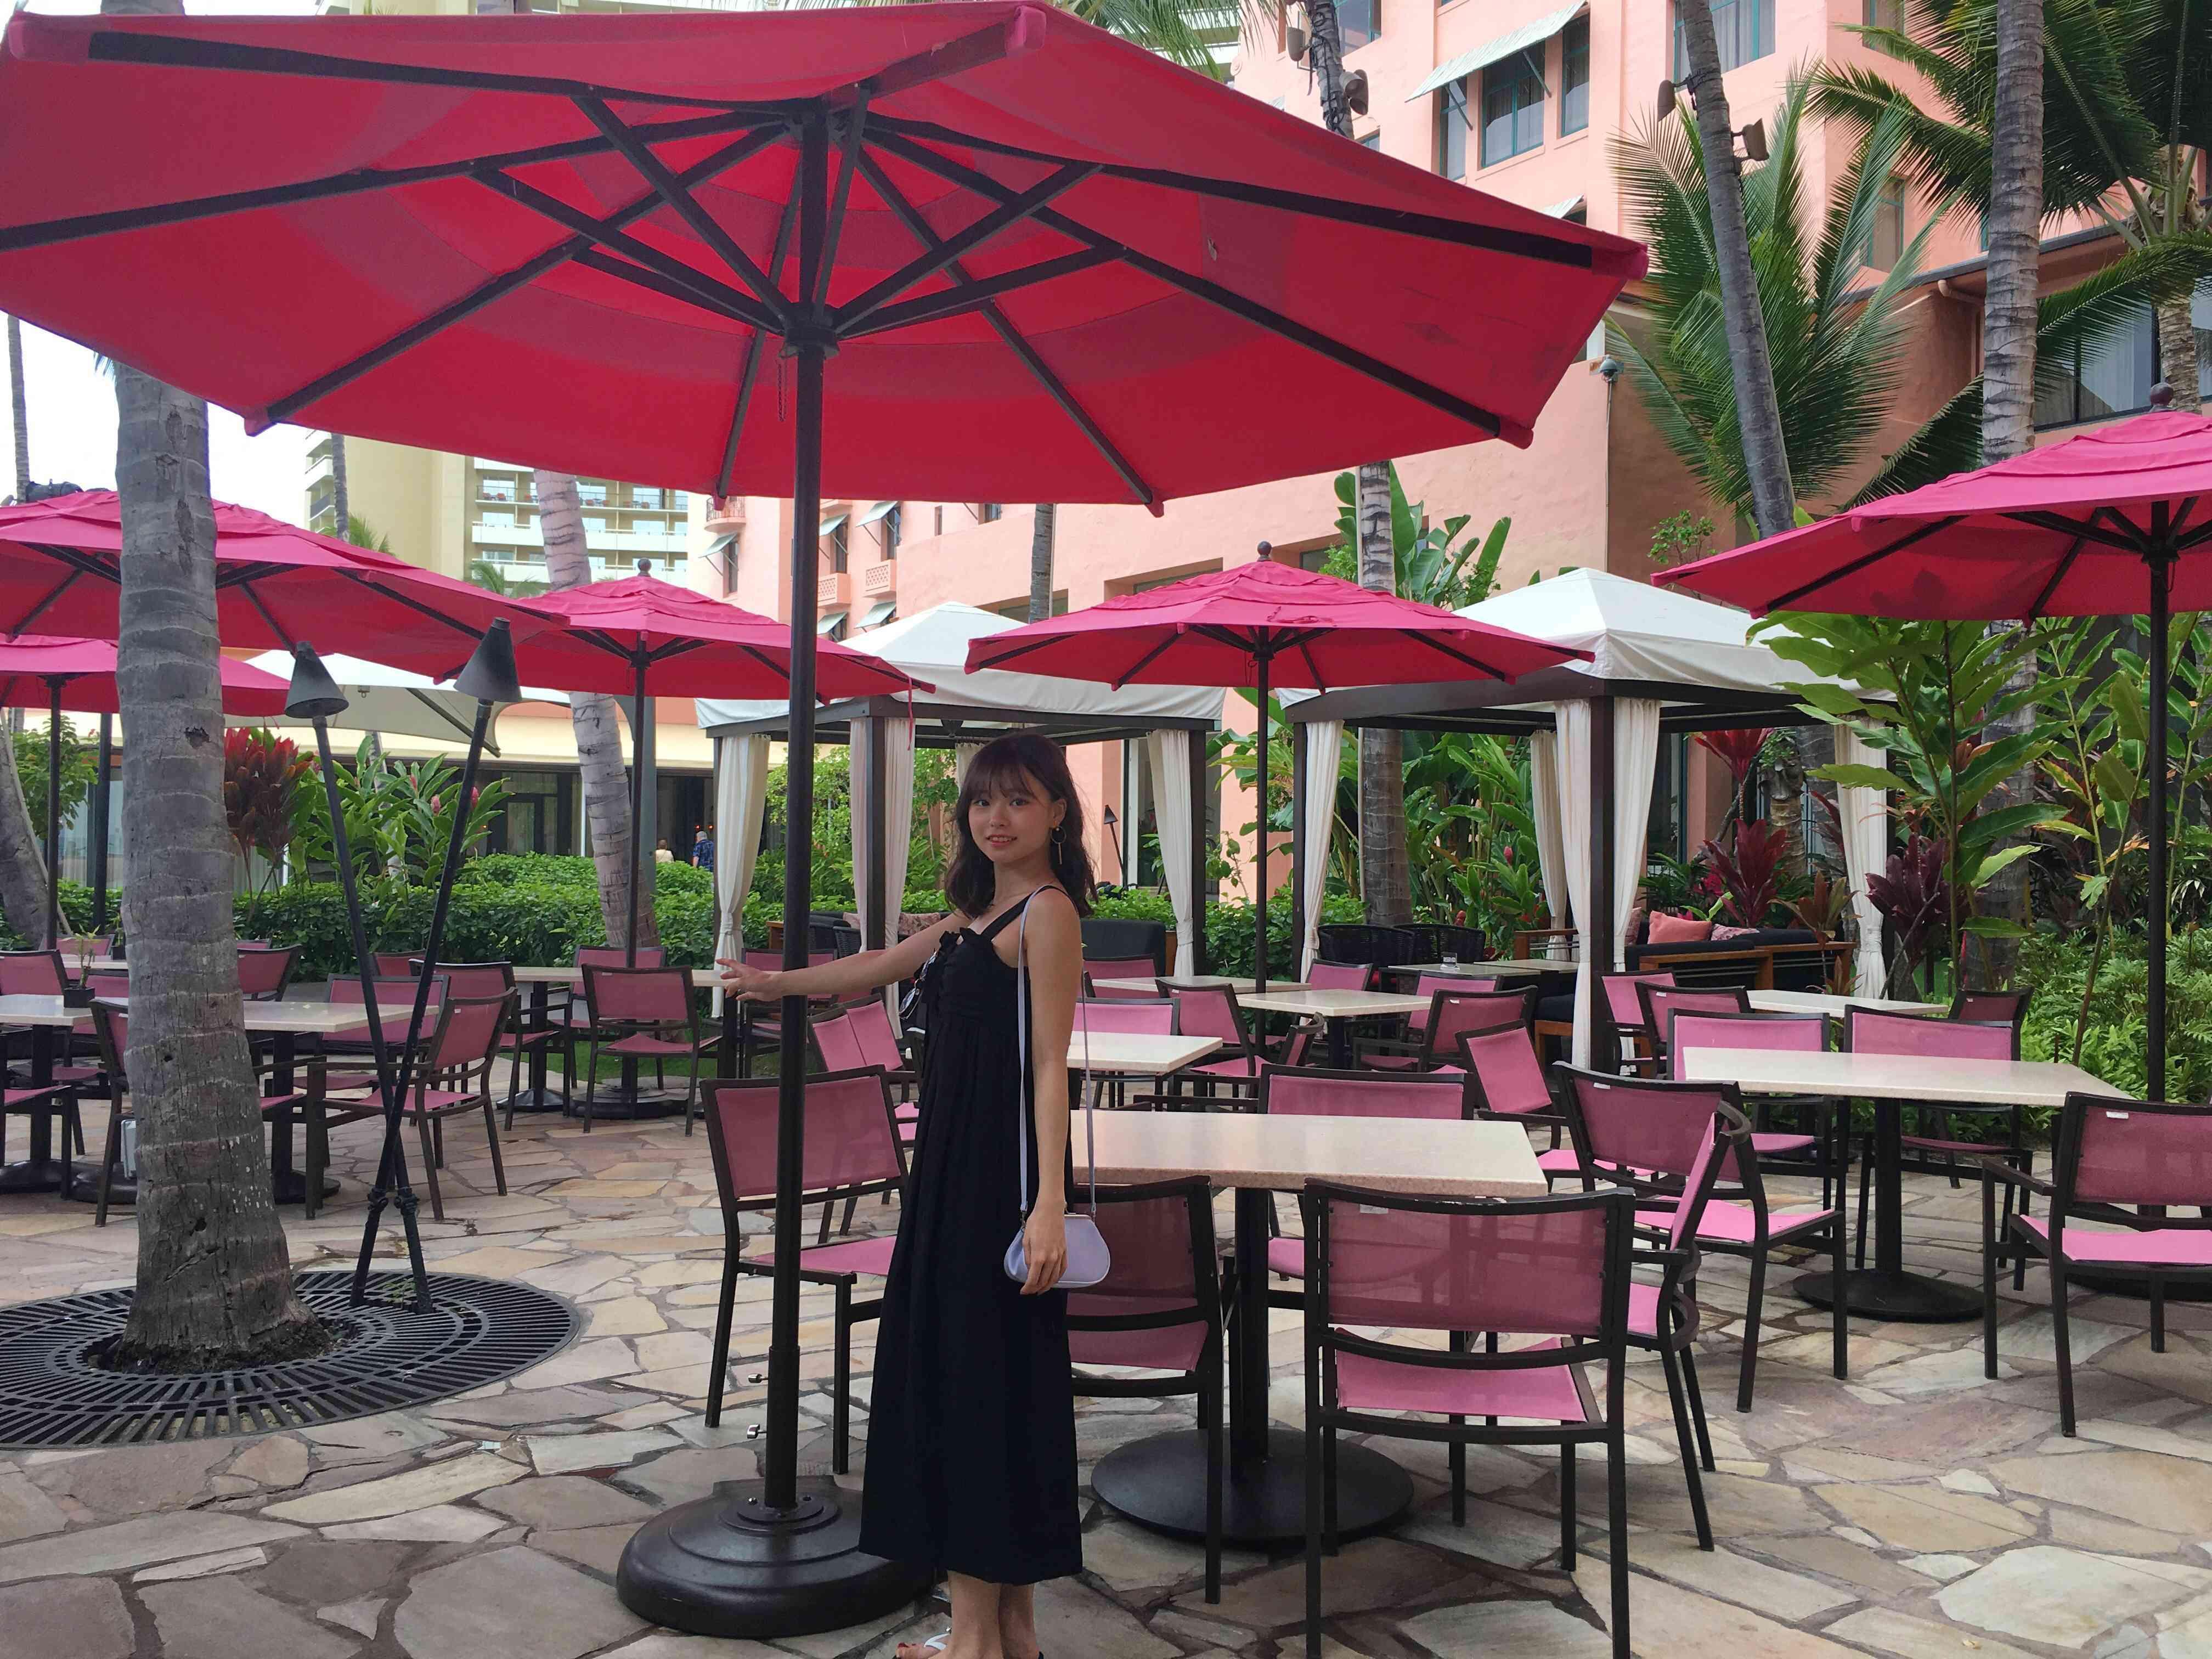 ハワイ ロイヤルハワイアンホテル サーフラナイのピンクパンケーキ_1_5